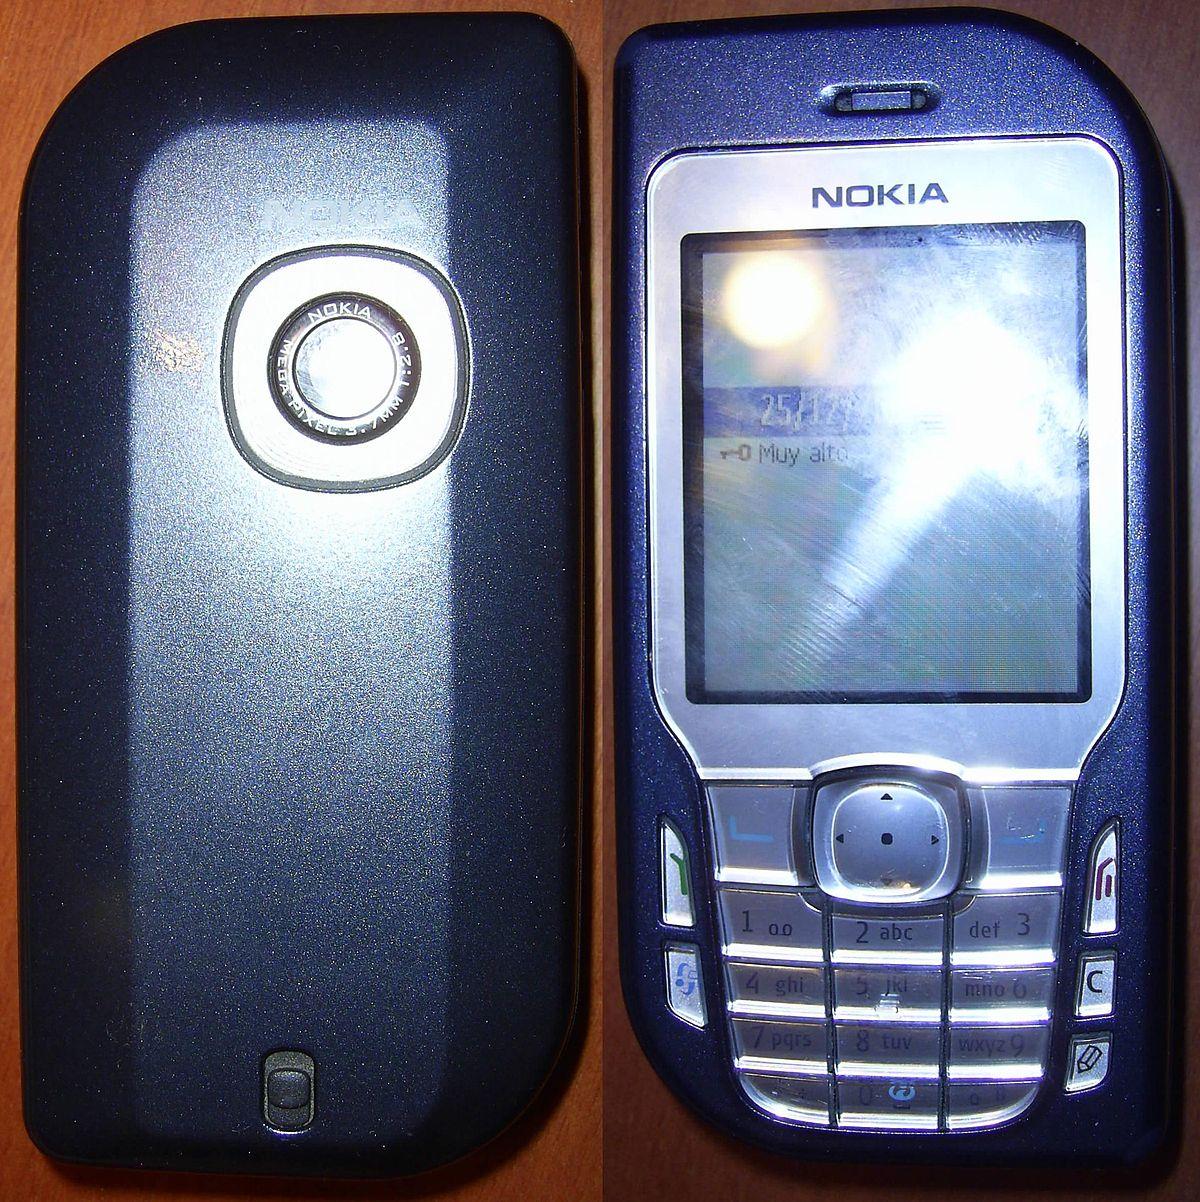 Nokia 6670 Wikipedia